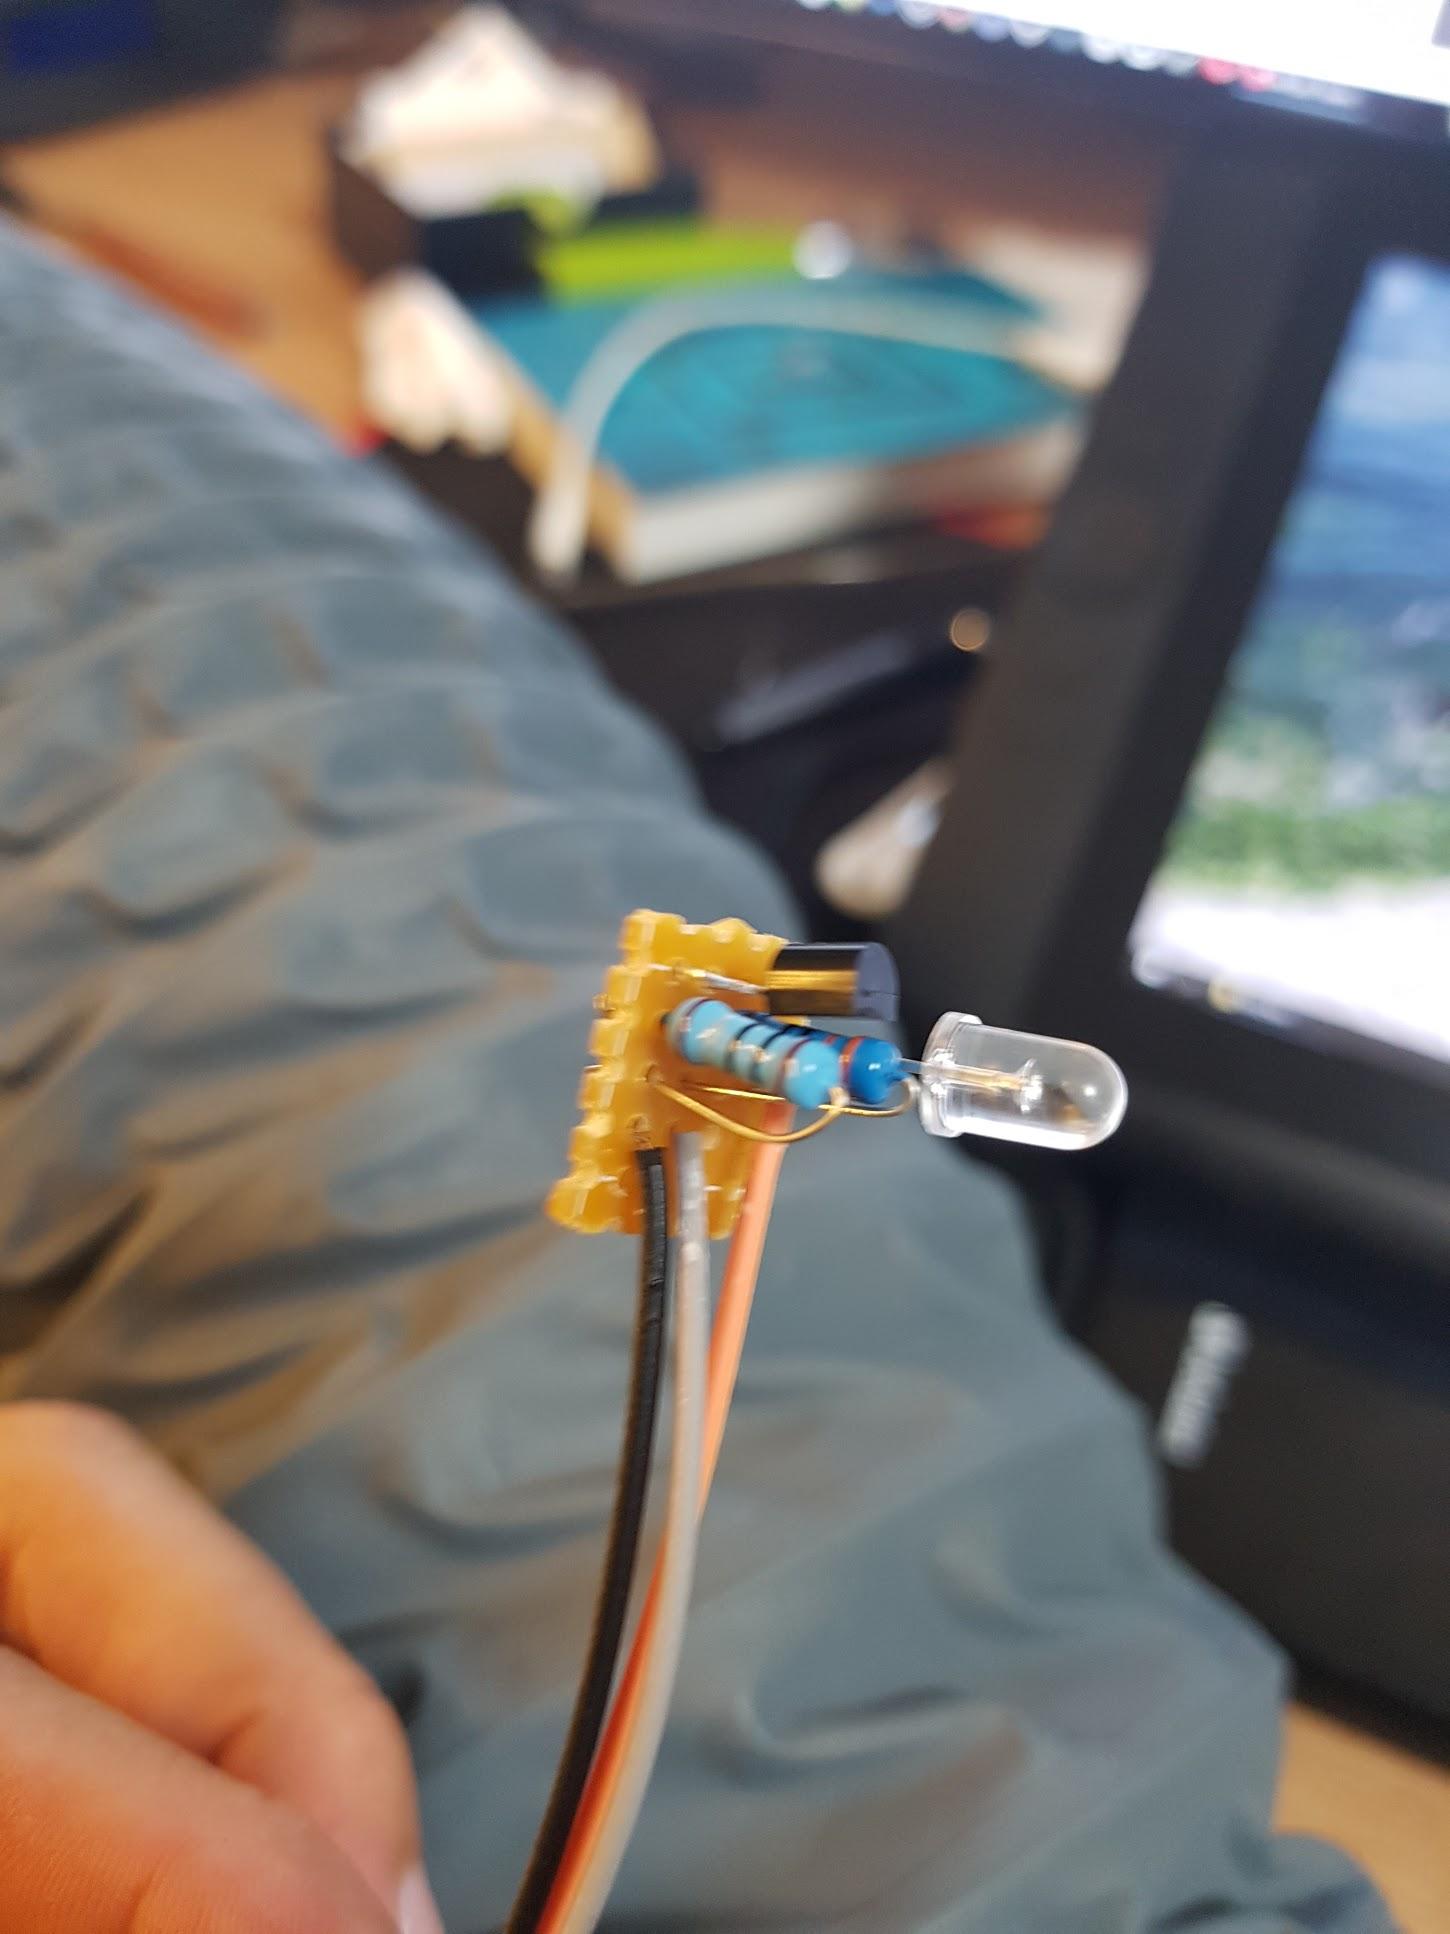 송신용 회로기판